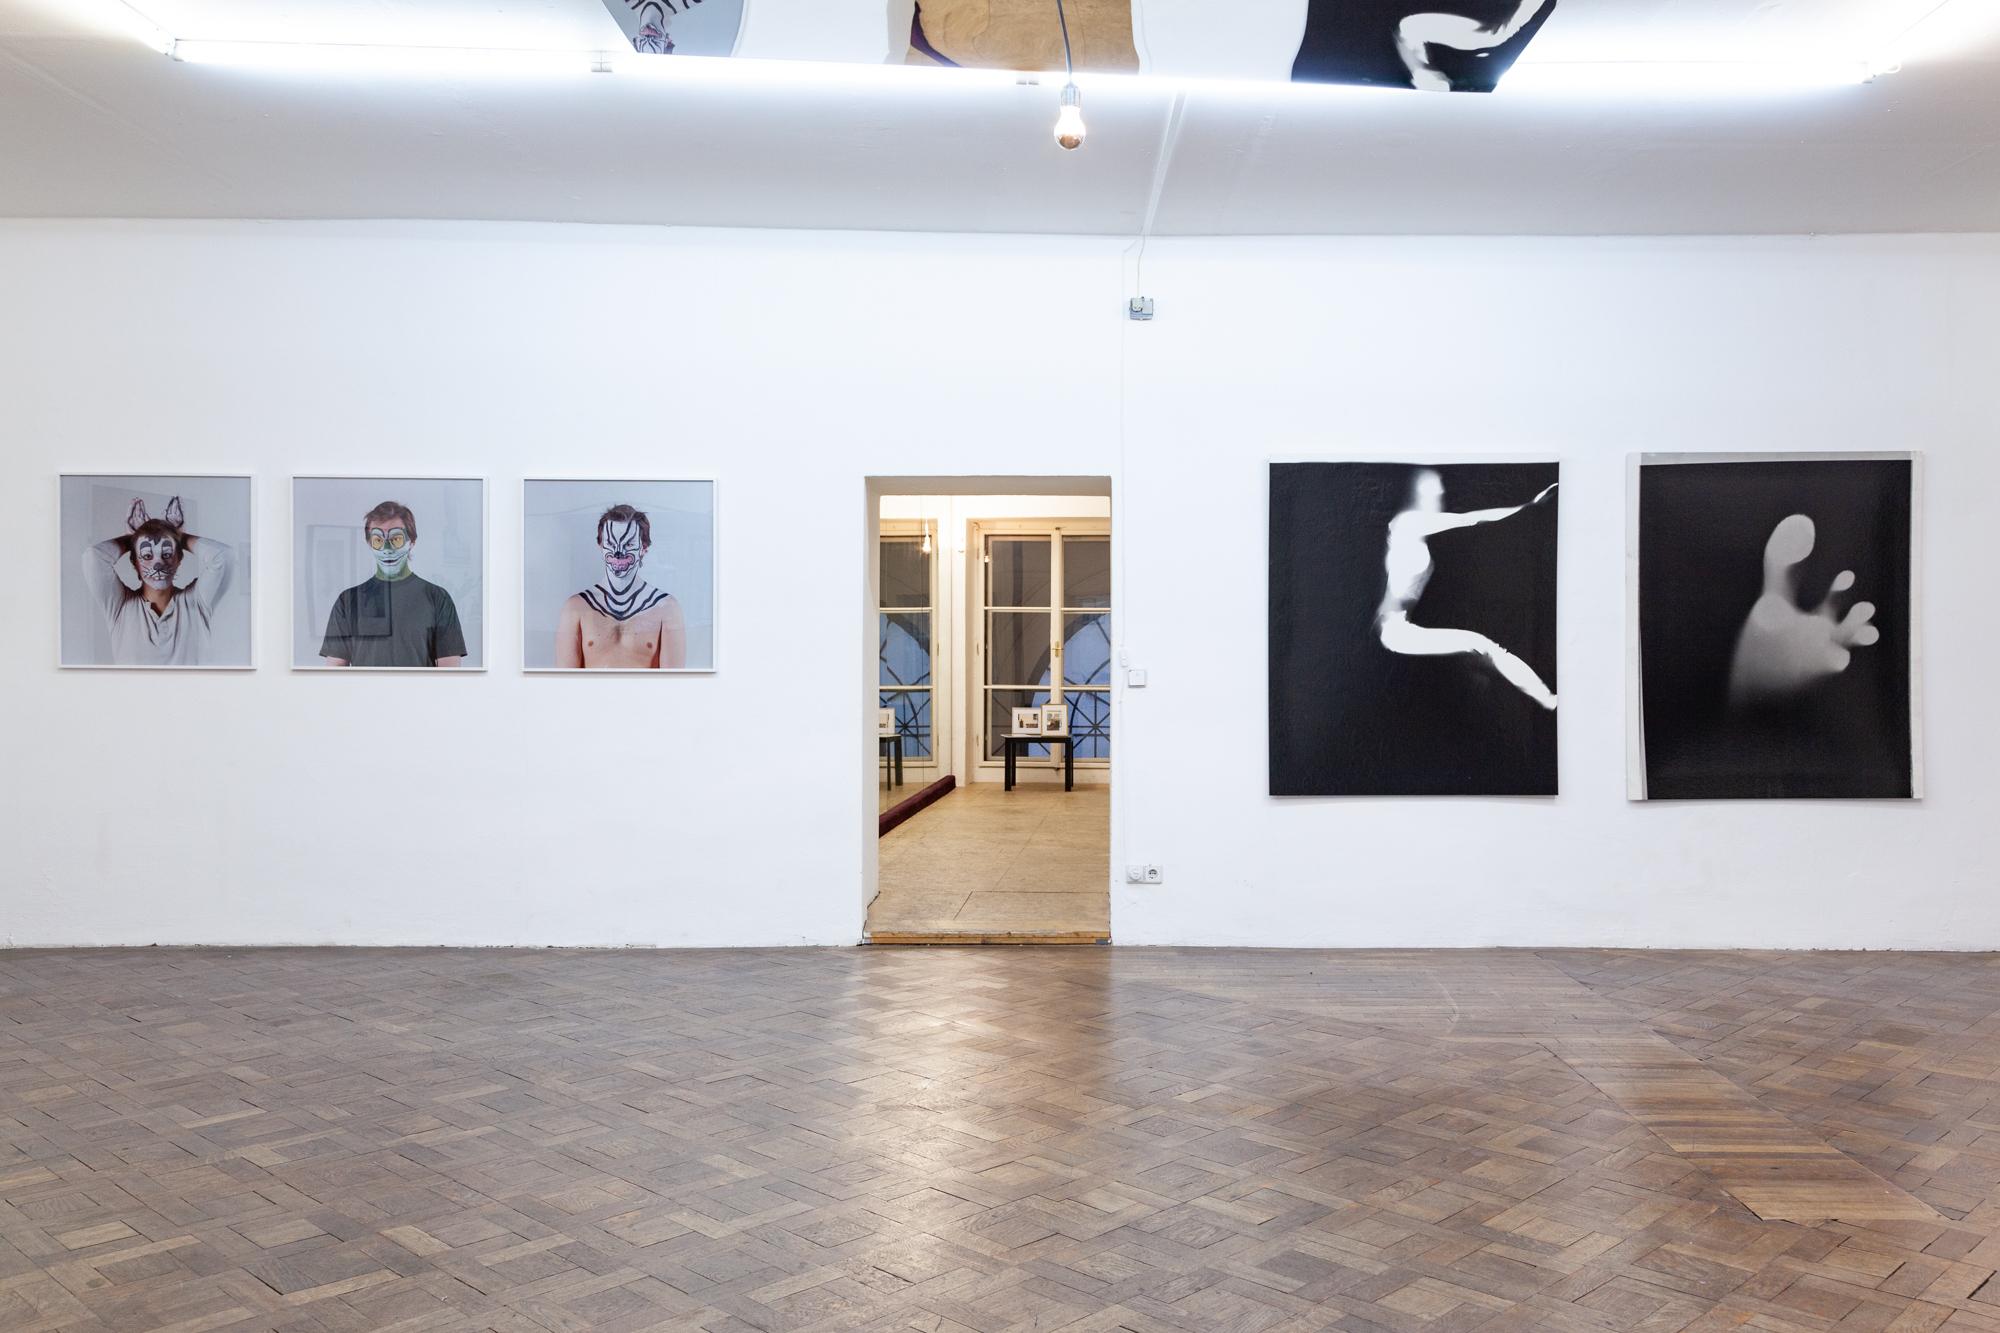 Installationsansicht: Johann Neumeister und Michaela Moscouw